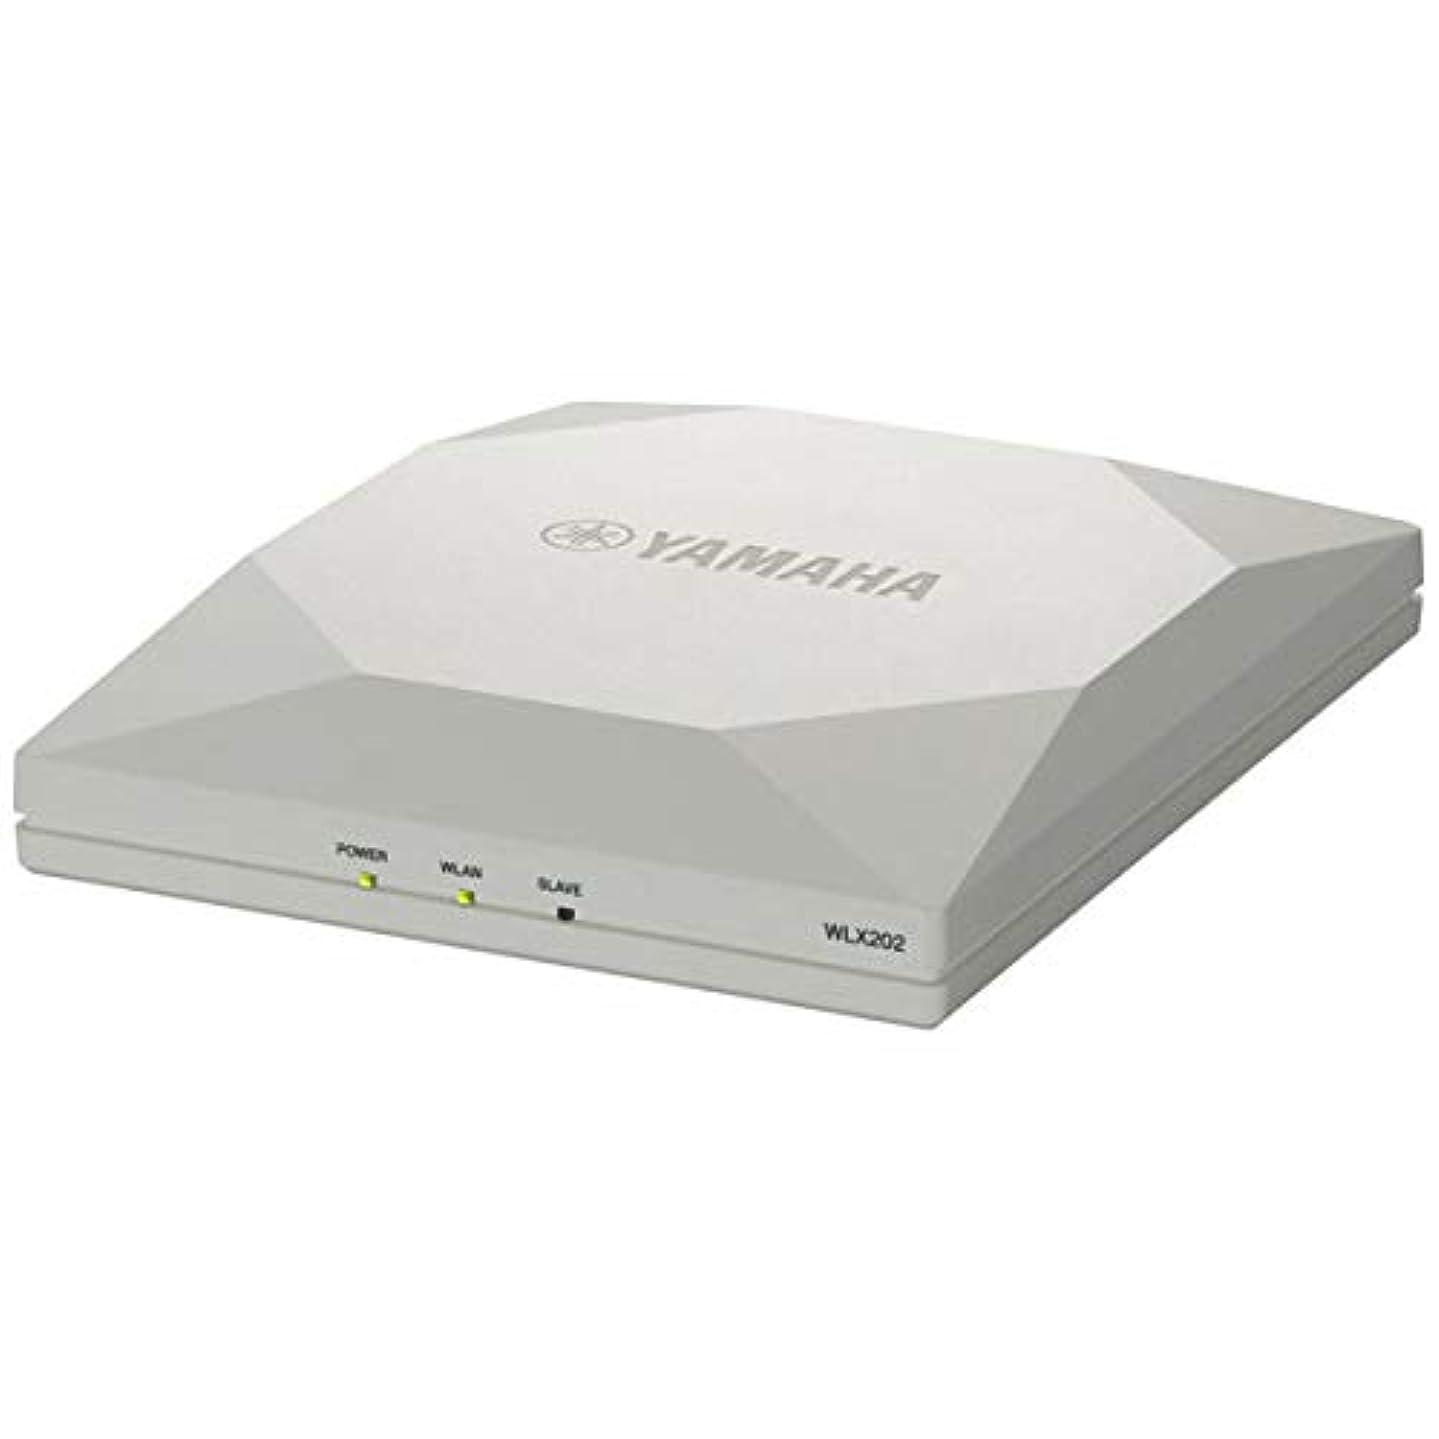 コンチネンタル達成寮プリンストン 無線LANアクセスポイント [5GHz:a/n/ac + 2.4GHz:b/g/n] WLX202/CM ホワイト